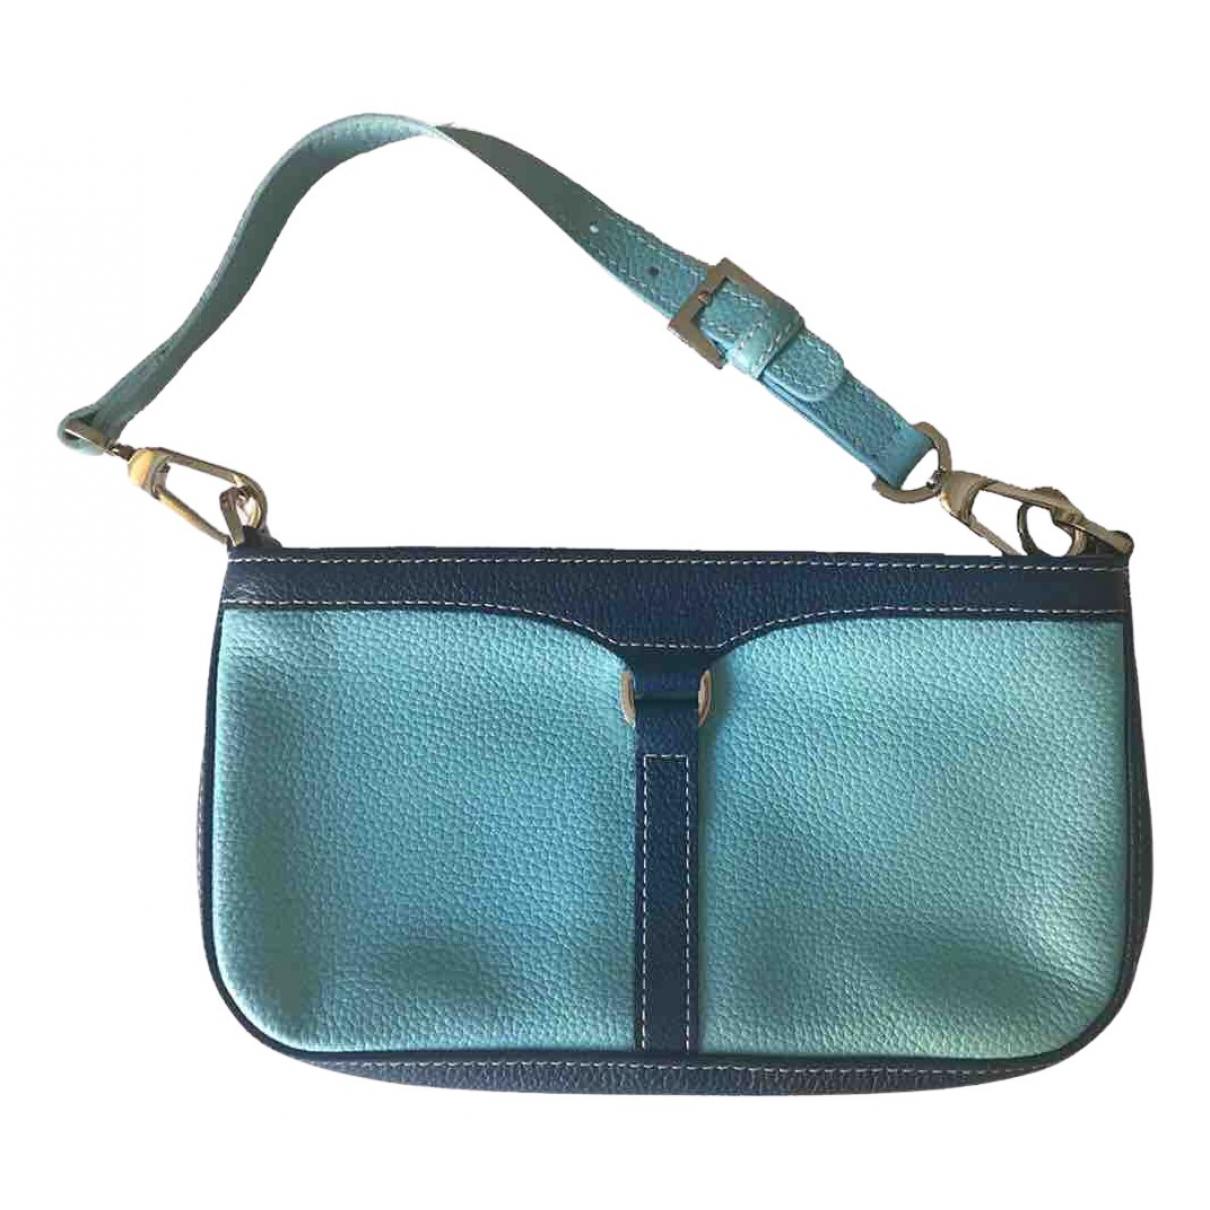 Longchamp - Sac a main   pour femme en cuir - bleu